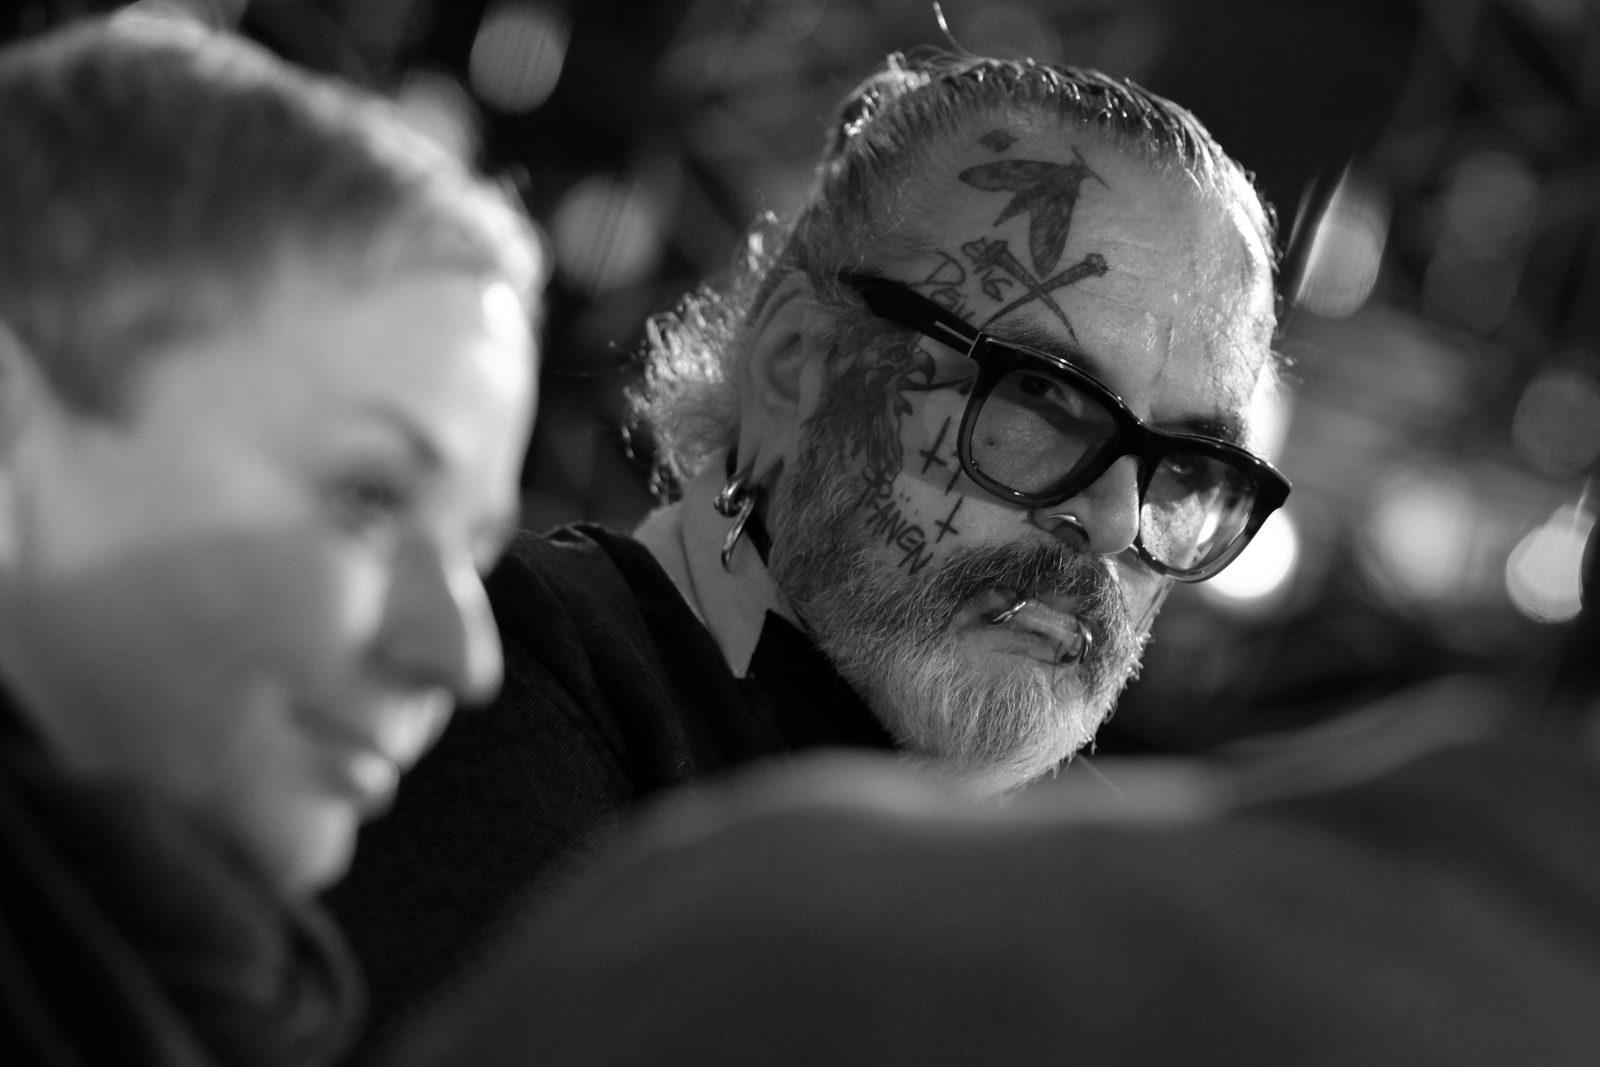 """Sven Marquardt ist Türsteher und Fotograf. In beiden Berufen hat er einen Blick für das Besondere und Wesentliche. Seine Corona-Gedanken teilt er im Filmclip """"Isolation"""". Foto: imago/Seeliger"""